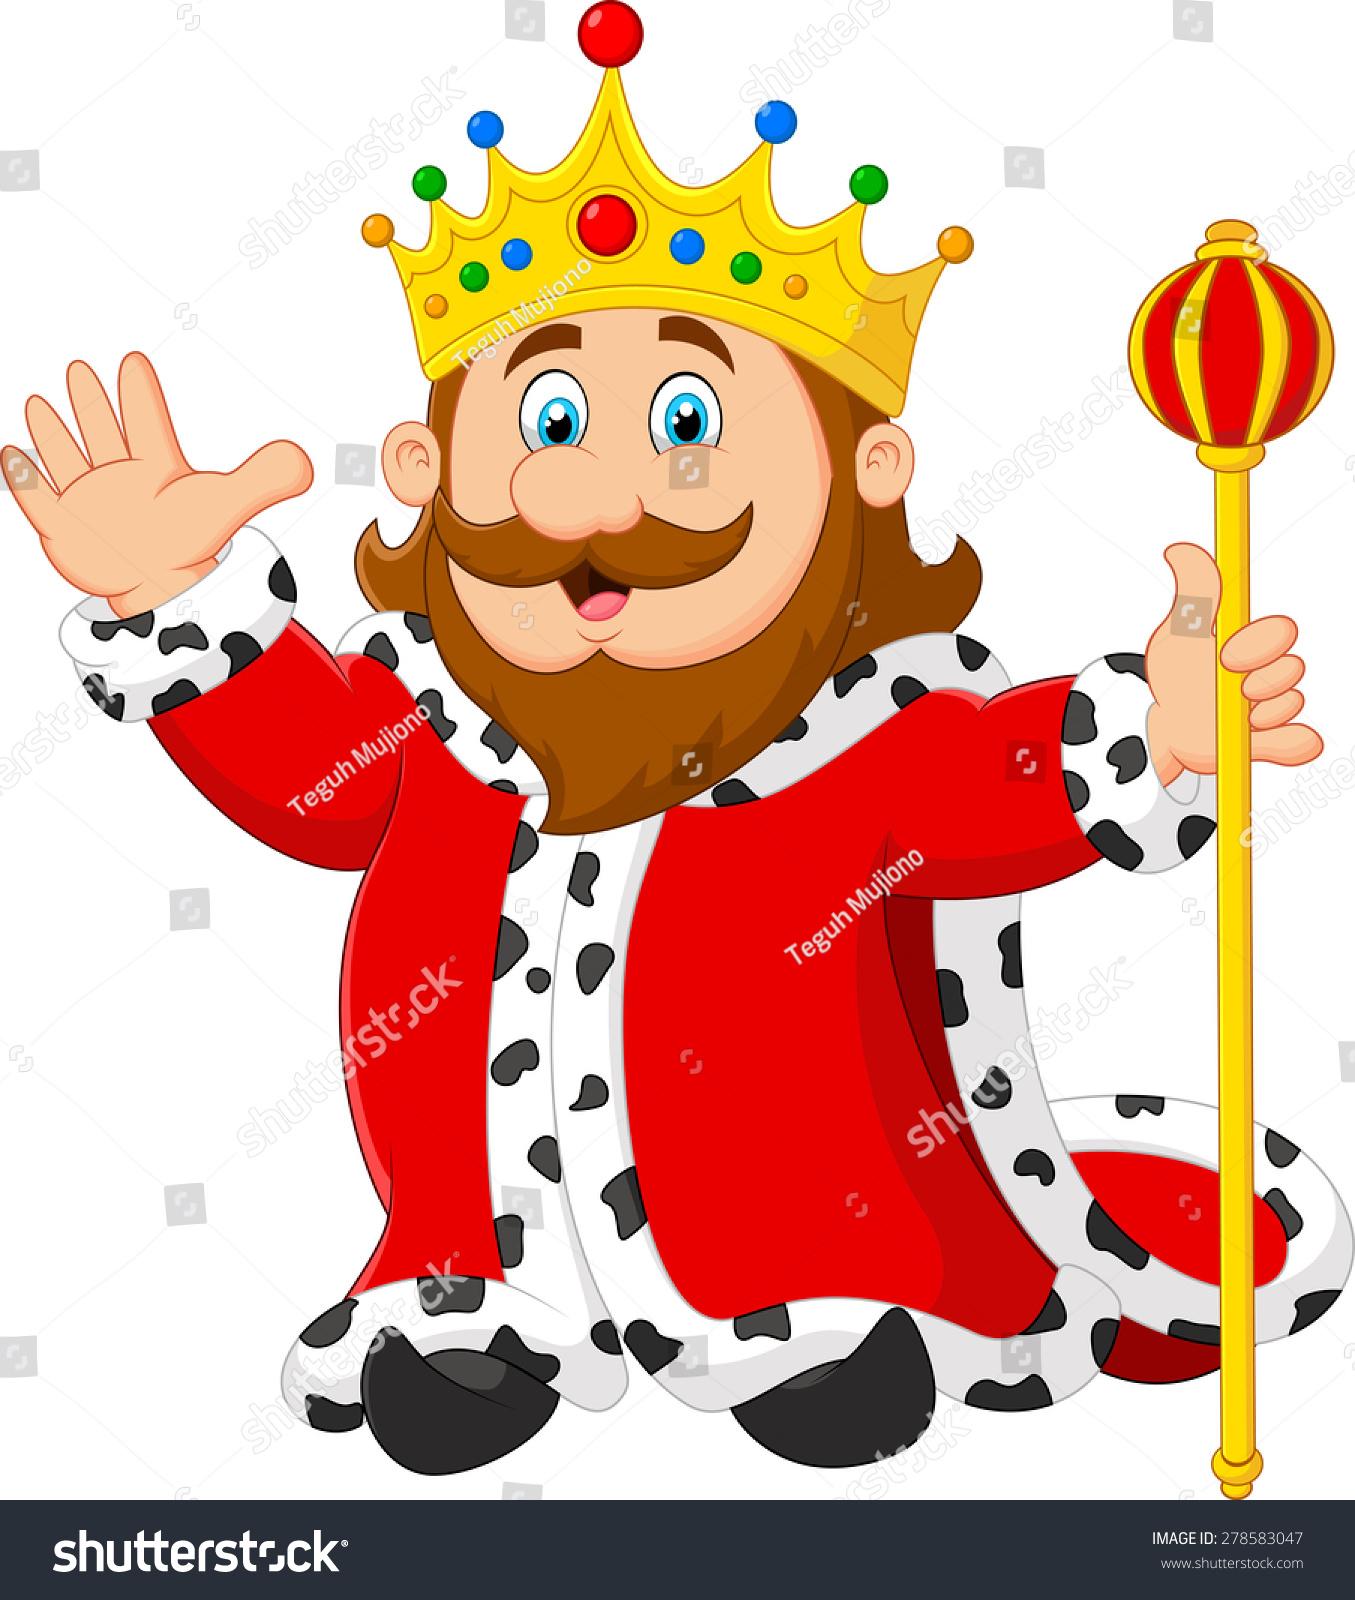 Cartoon King Holding A Golden Scepter ...